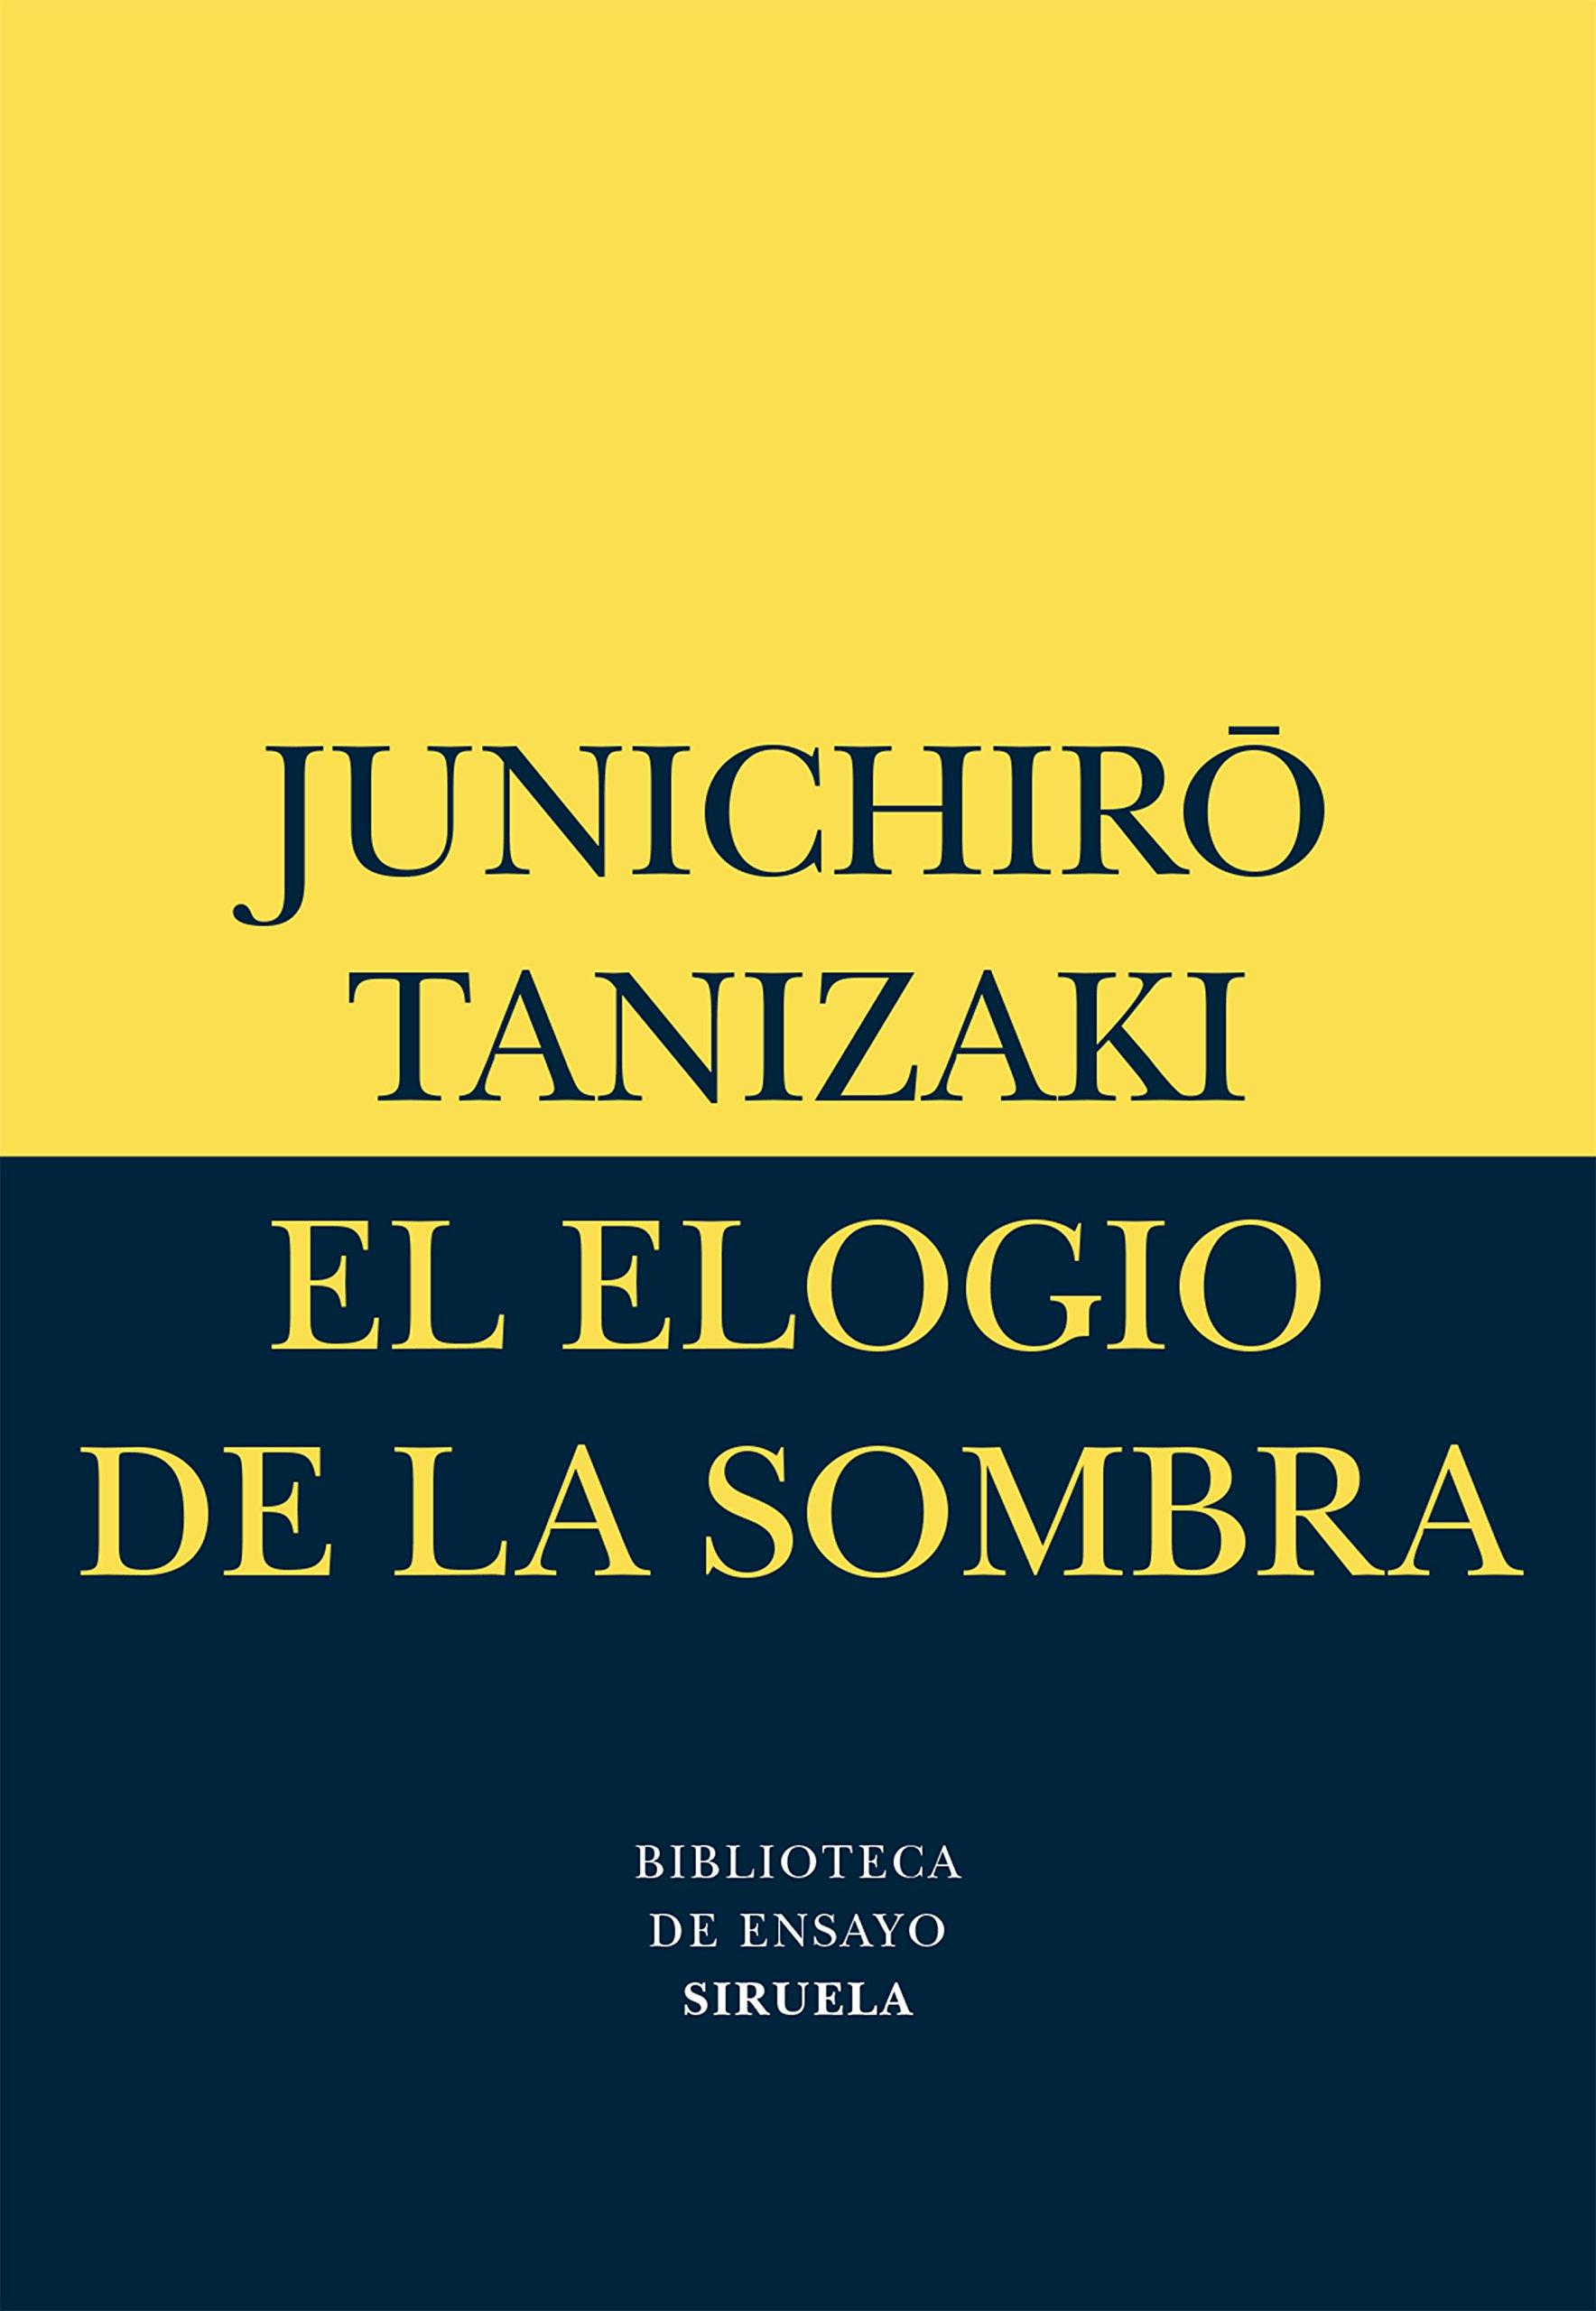 El elogio de la sombra Biblioteca de Ensayo / Serie menor: Amazon.es:  Junichirô Tanizaki, Julia Escobar: Libros